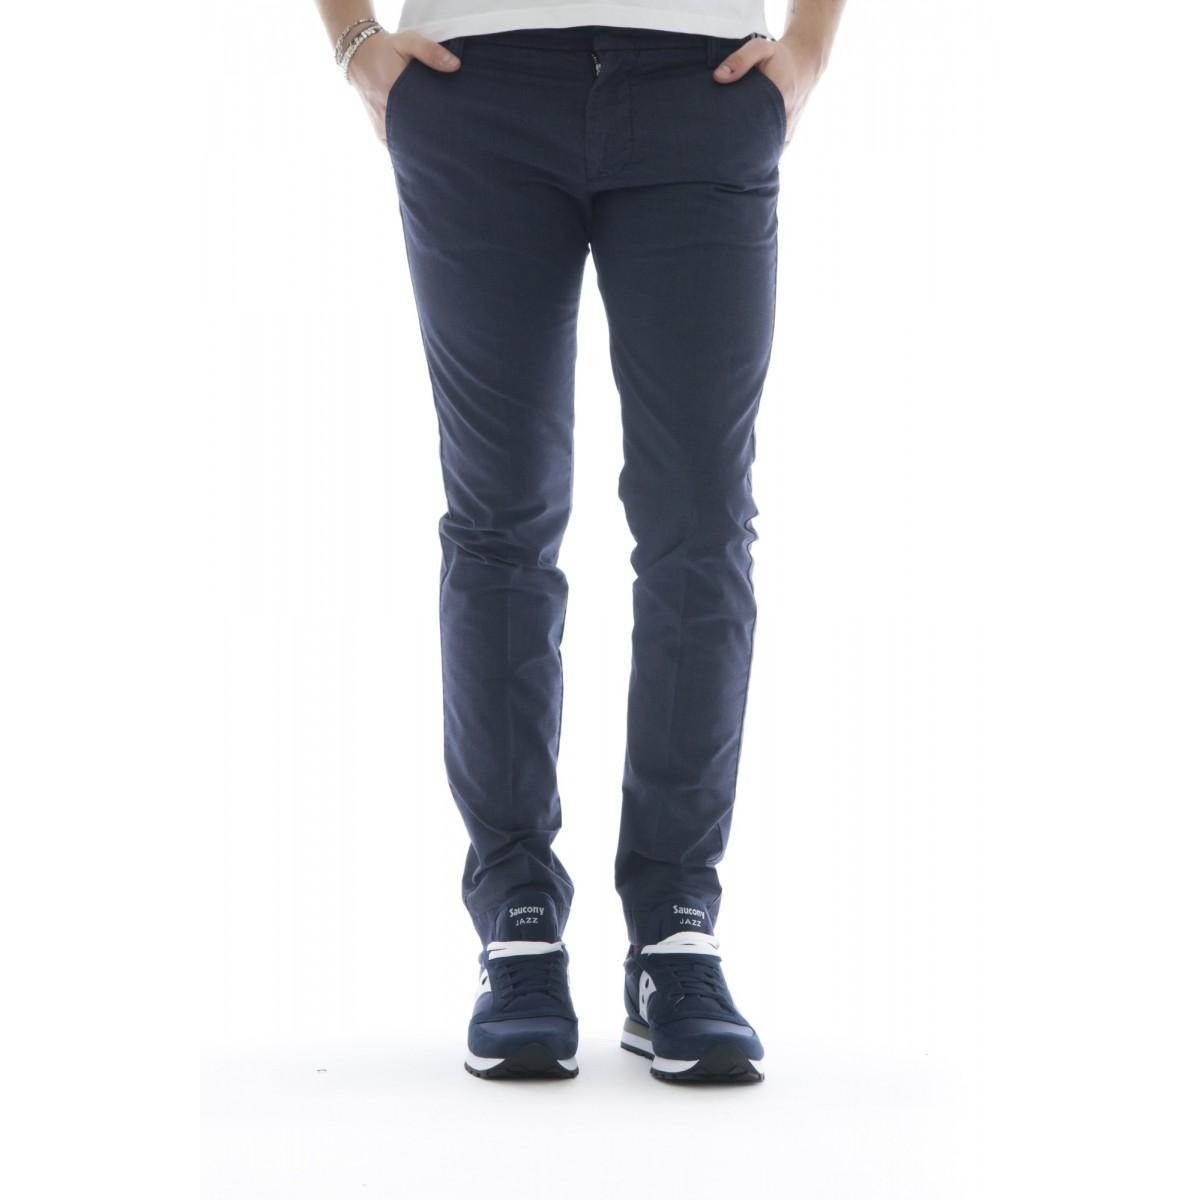 Pantalone uomo - 8201 1368 principe di galles